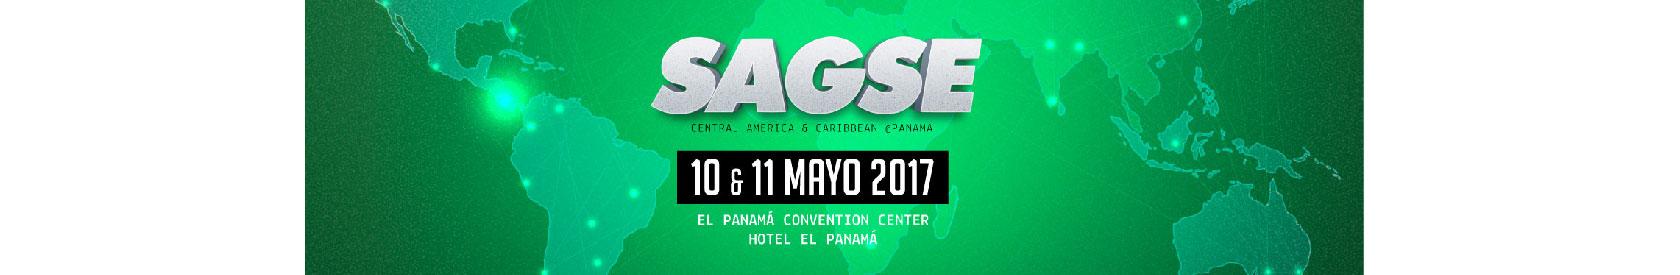 Efectivo Sistema de Registro para Sagse 2017